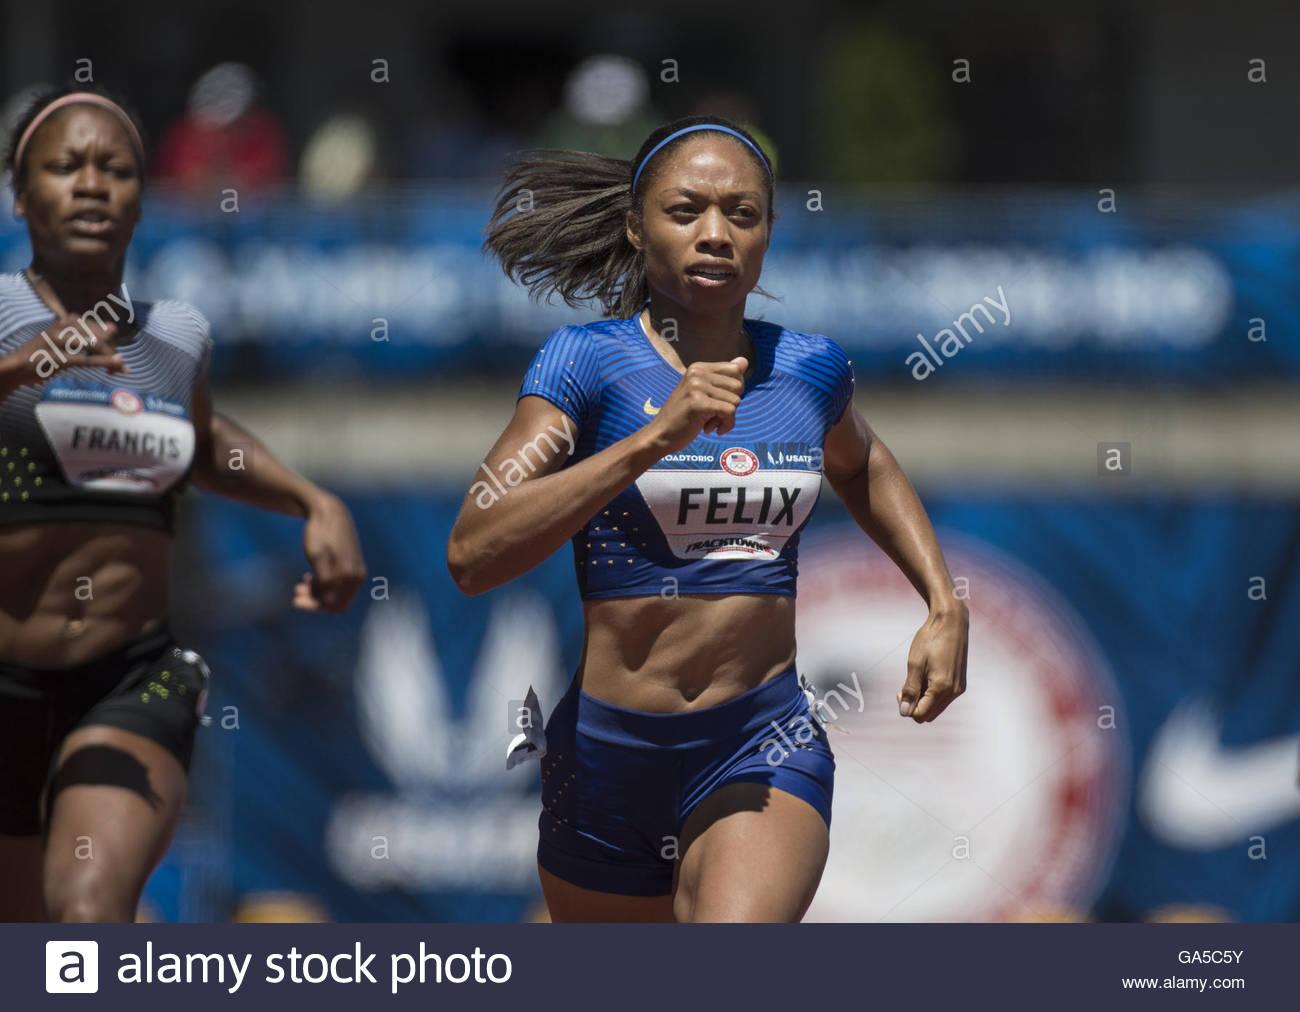 Eugene, Oregon, USA. 2nd July, 2016. USATF Olympic Trials, Eugene, Oregon- PHYLLIS FRANCIS (left), and ALLYSON FELIX - Stock Image